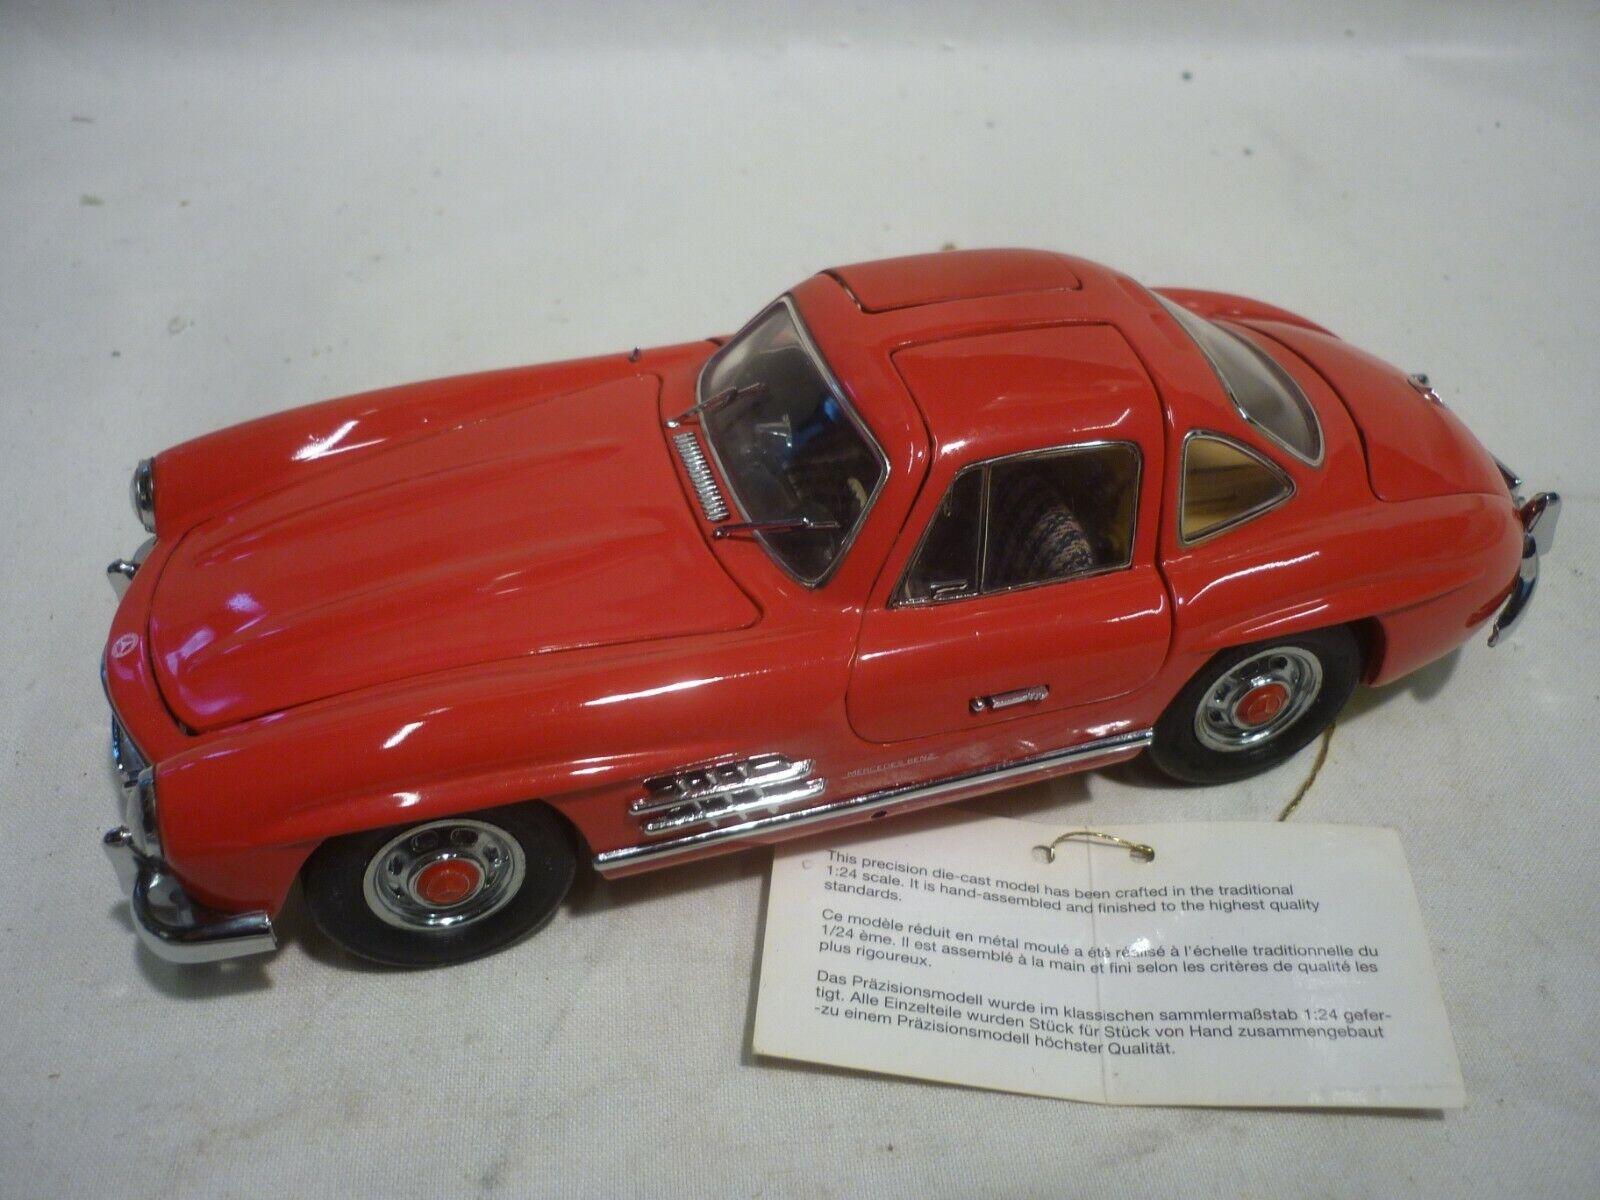 precios bajos Un modelo de escala Franklin Mint de un 1954 Mercedes Mercedes Mercedes Benz 300sl con puertas de ala de gaviota  Precio al por mayor y calidad confiable.